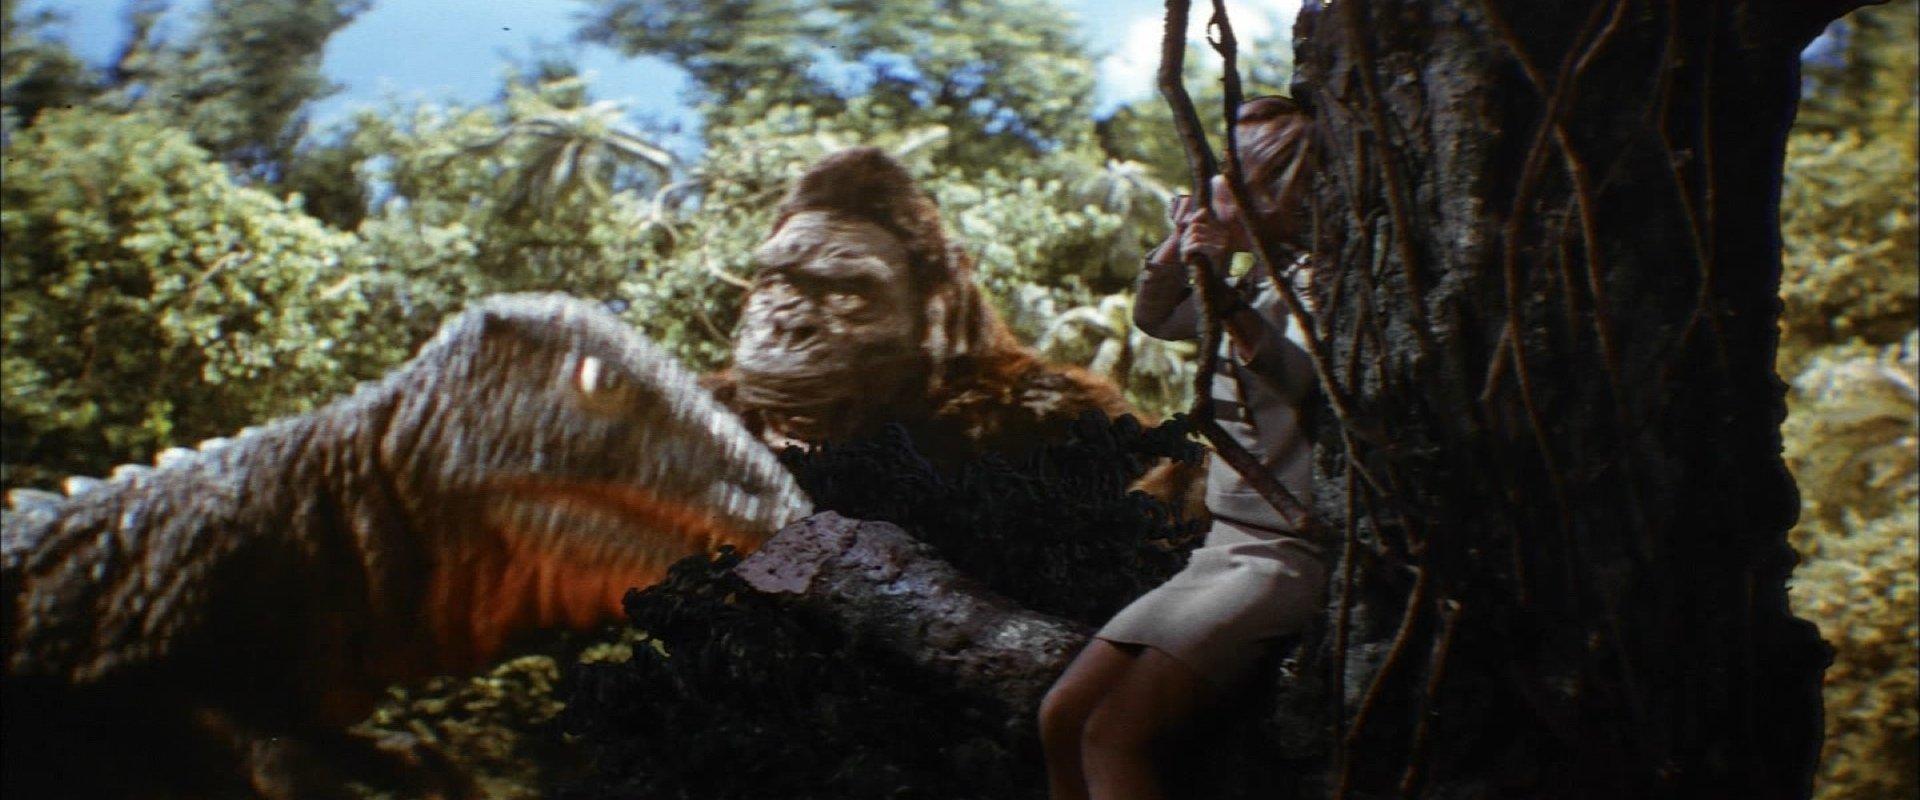 『キングコングの逆襲』コング対ゴロザウルス